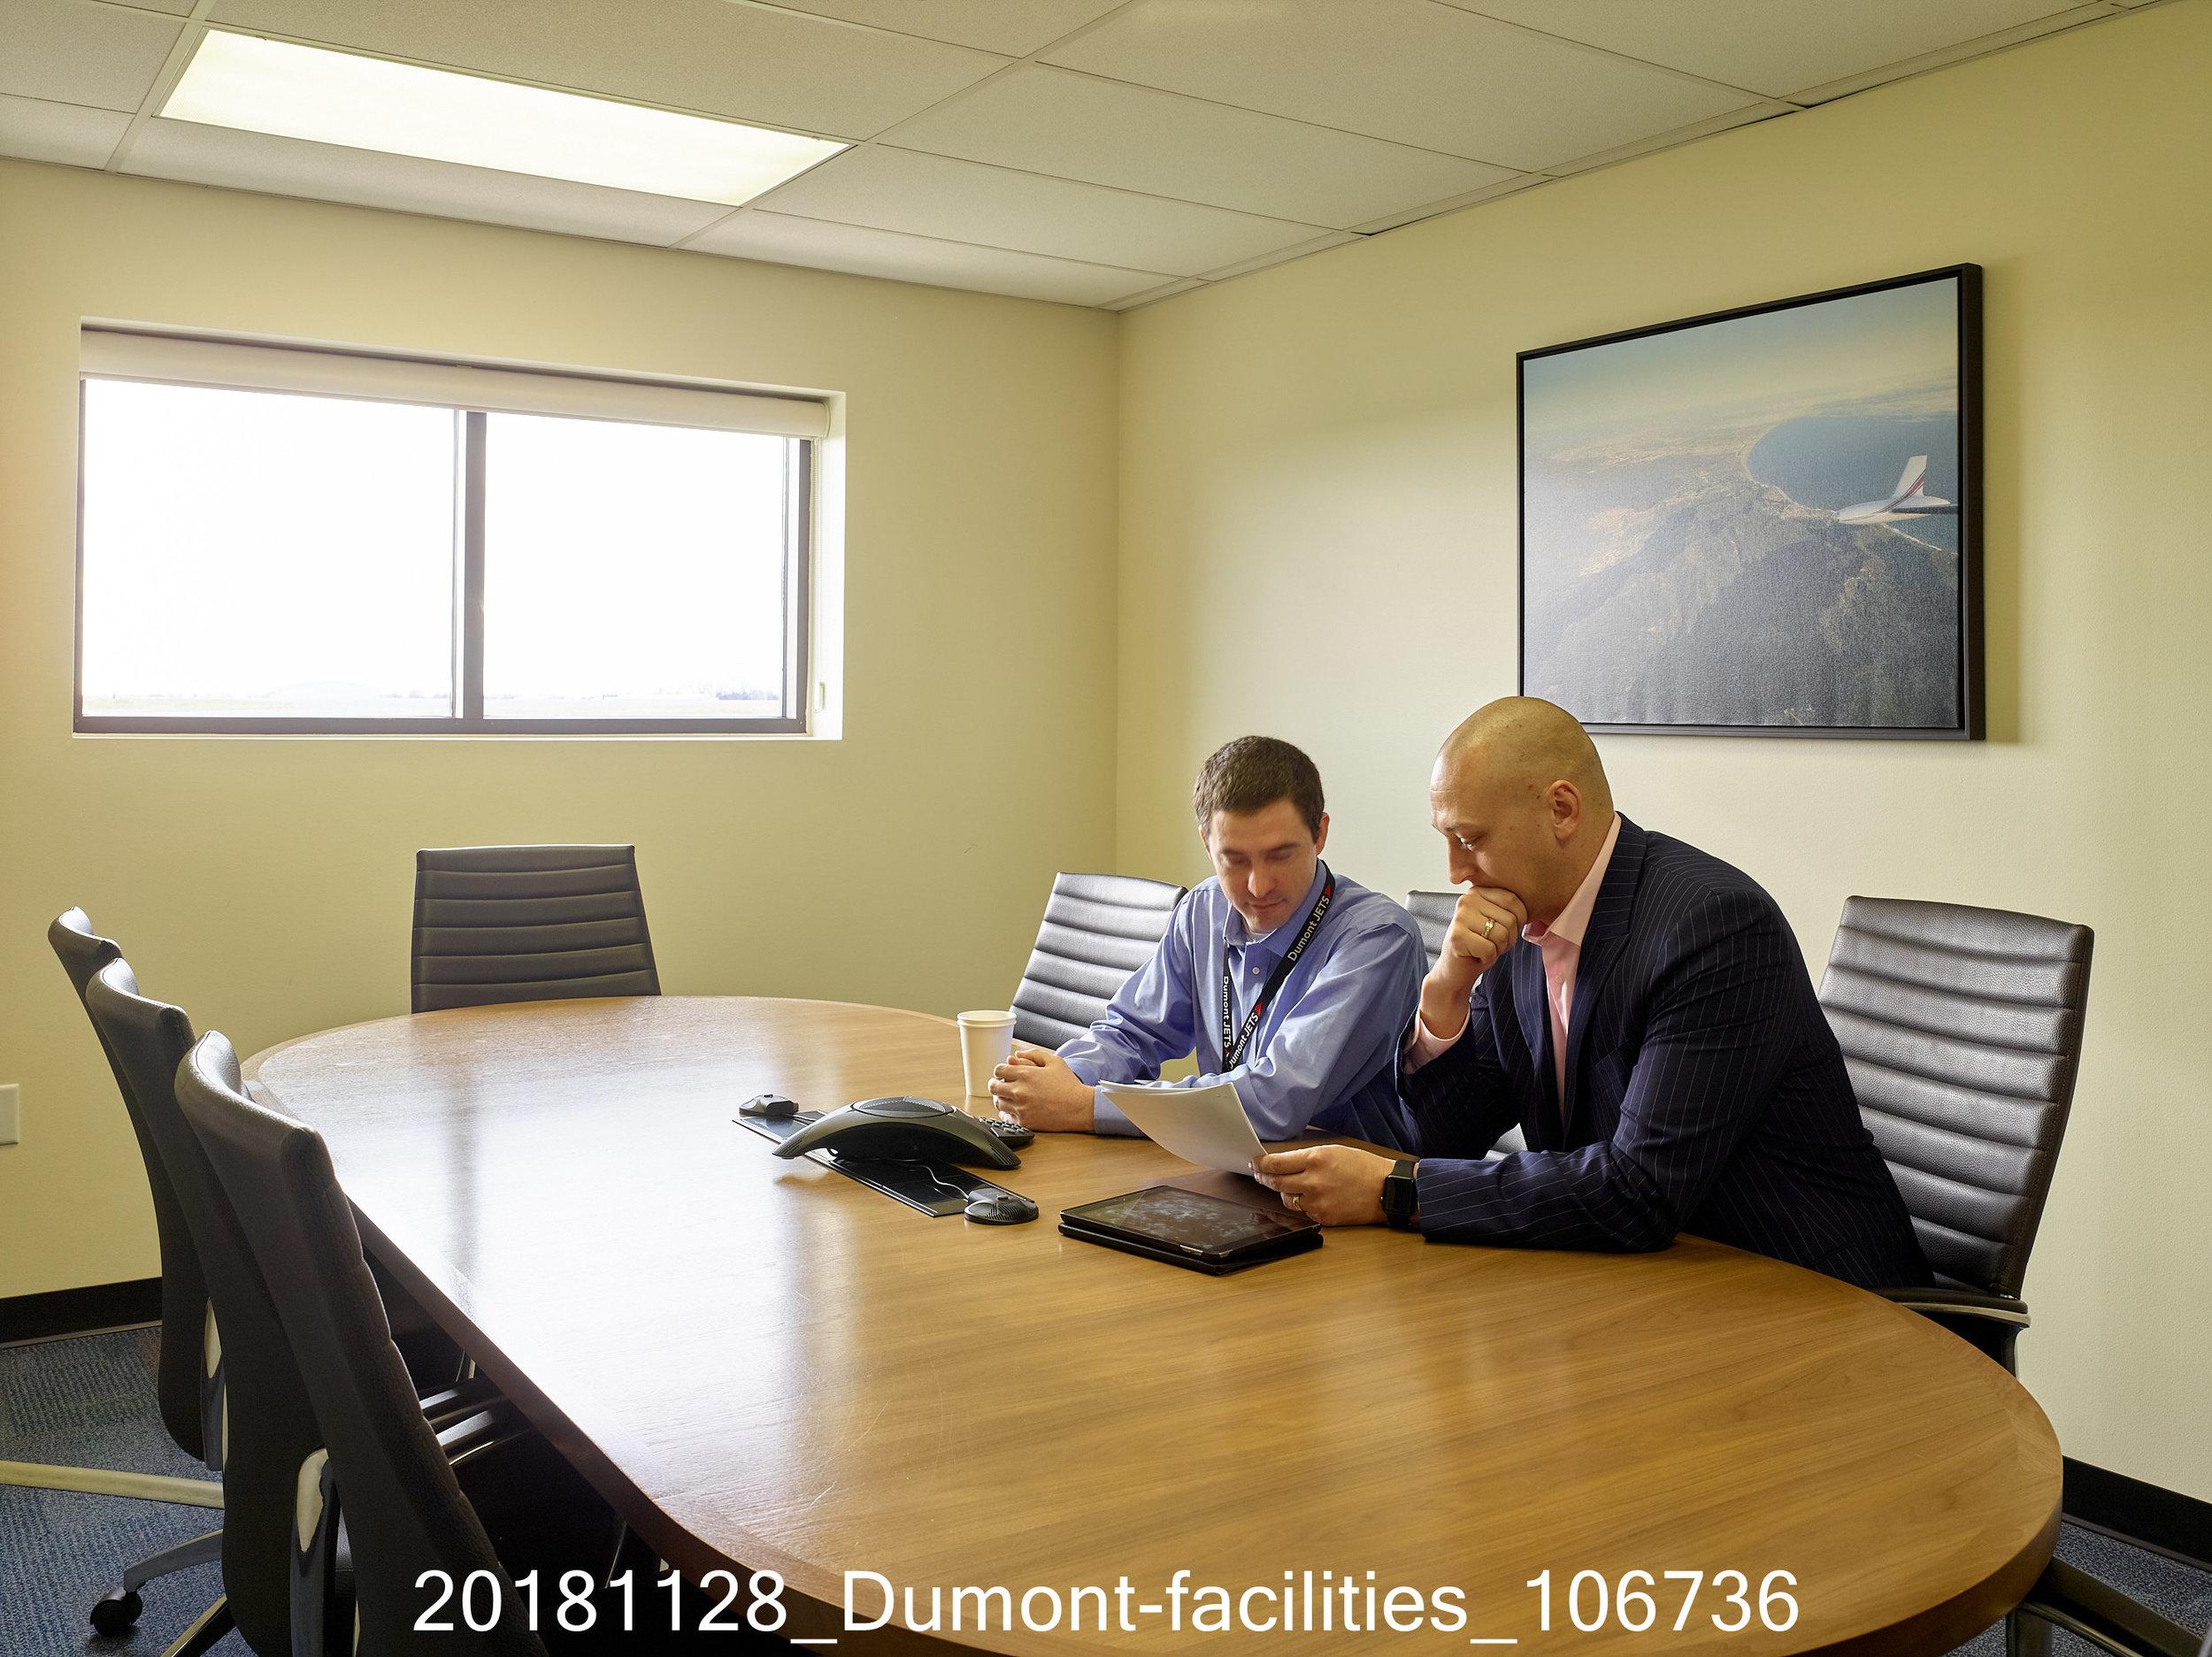 20181128_Dumont-facilities_106736.jpg